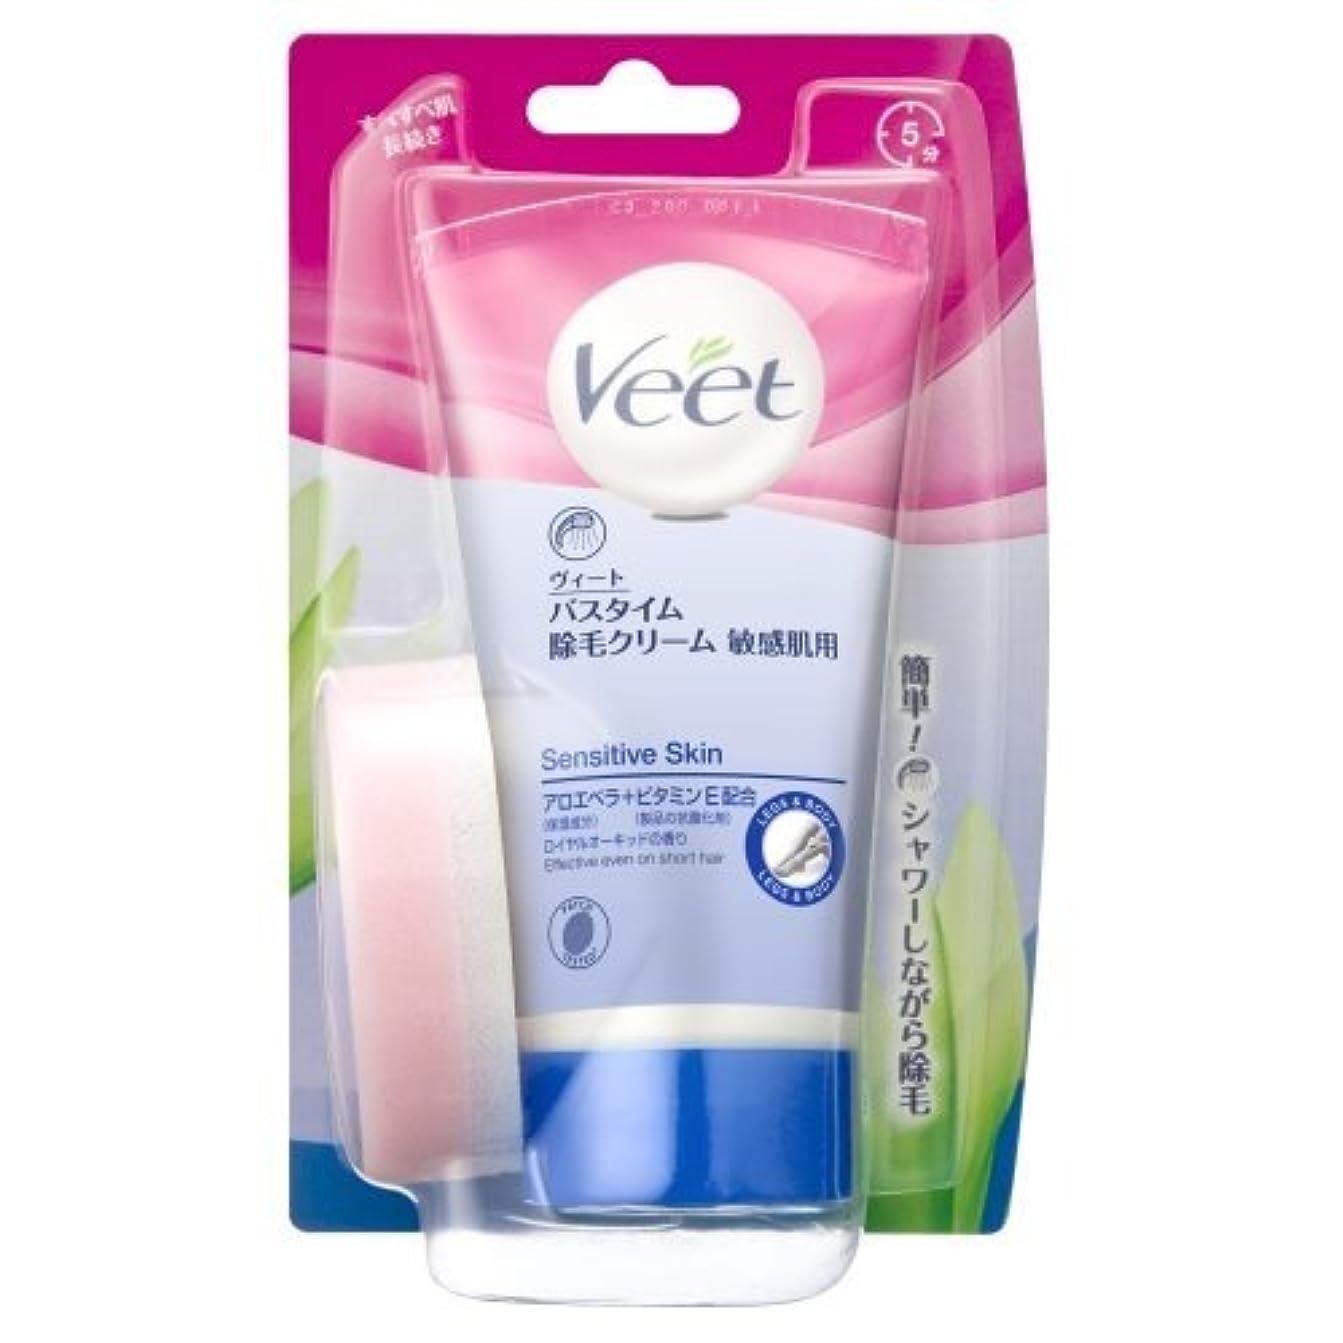 昼間あえぎシャンパンヴィート バスタイム 除毛クリーム 敏感肌用 150g (Veet In Shower Hair Removal Cream Sensitive 150g)